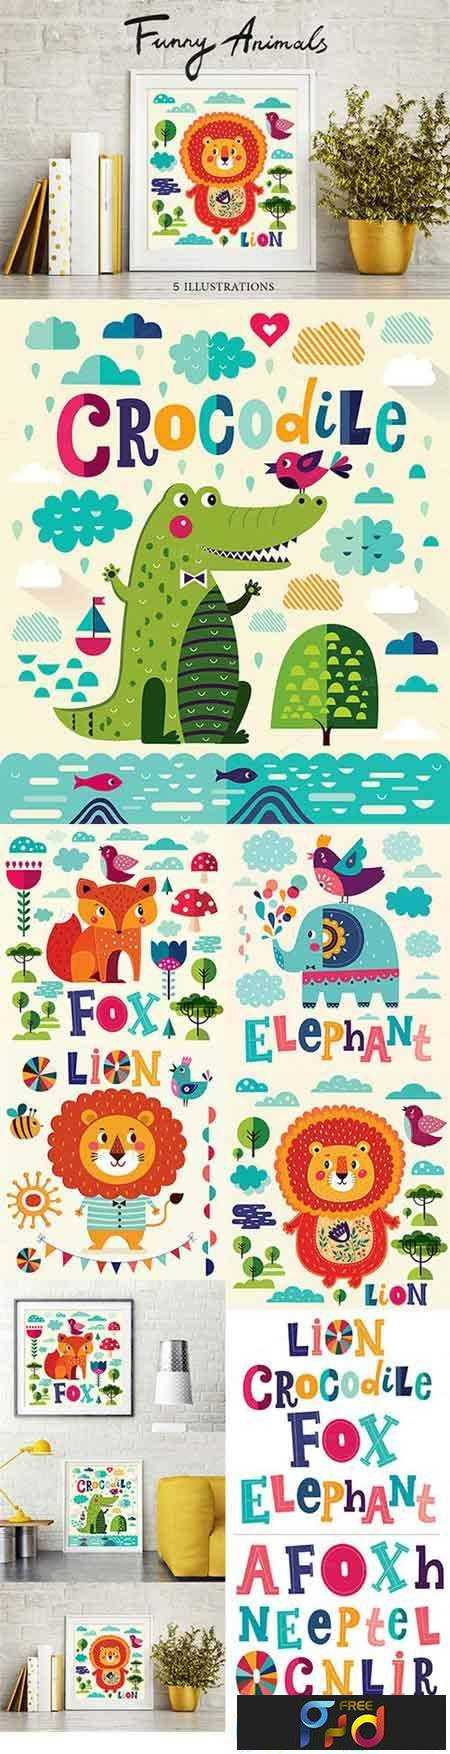 FreePsdVn.com_VECTOR_1701077_funny_animals_5_illustrations